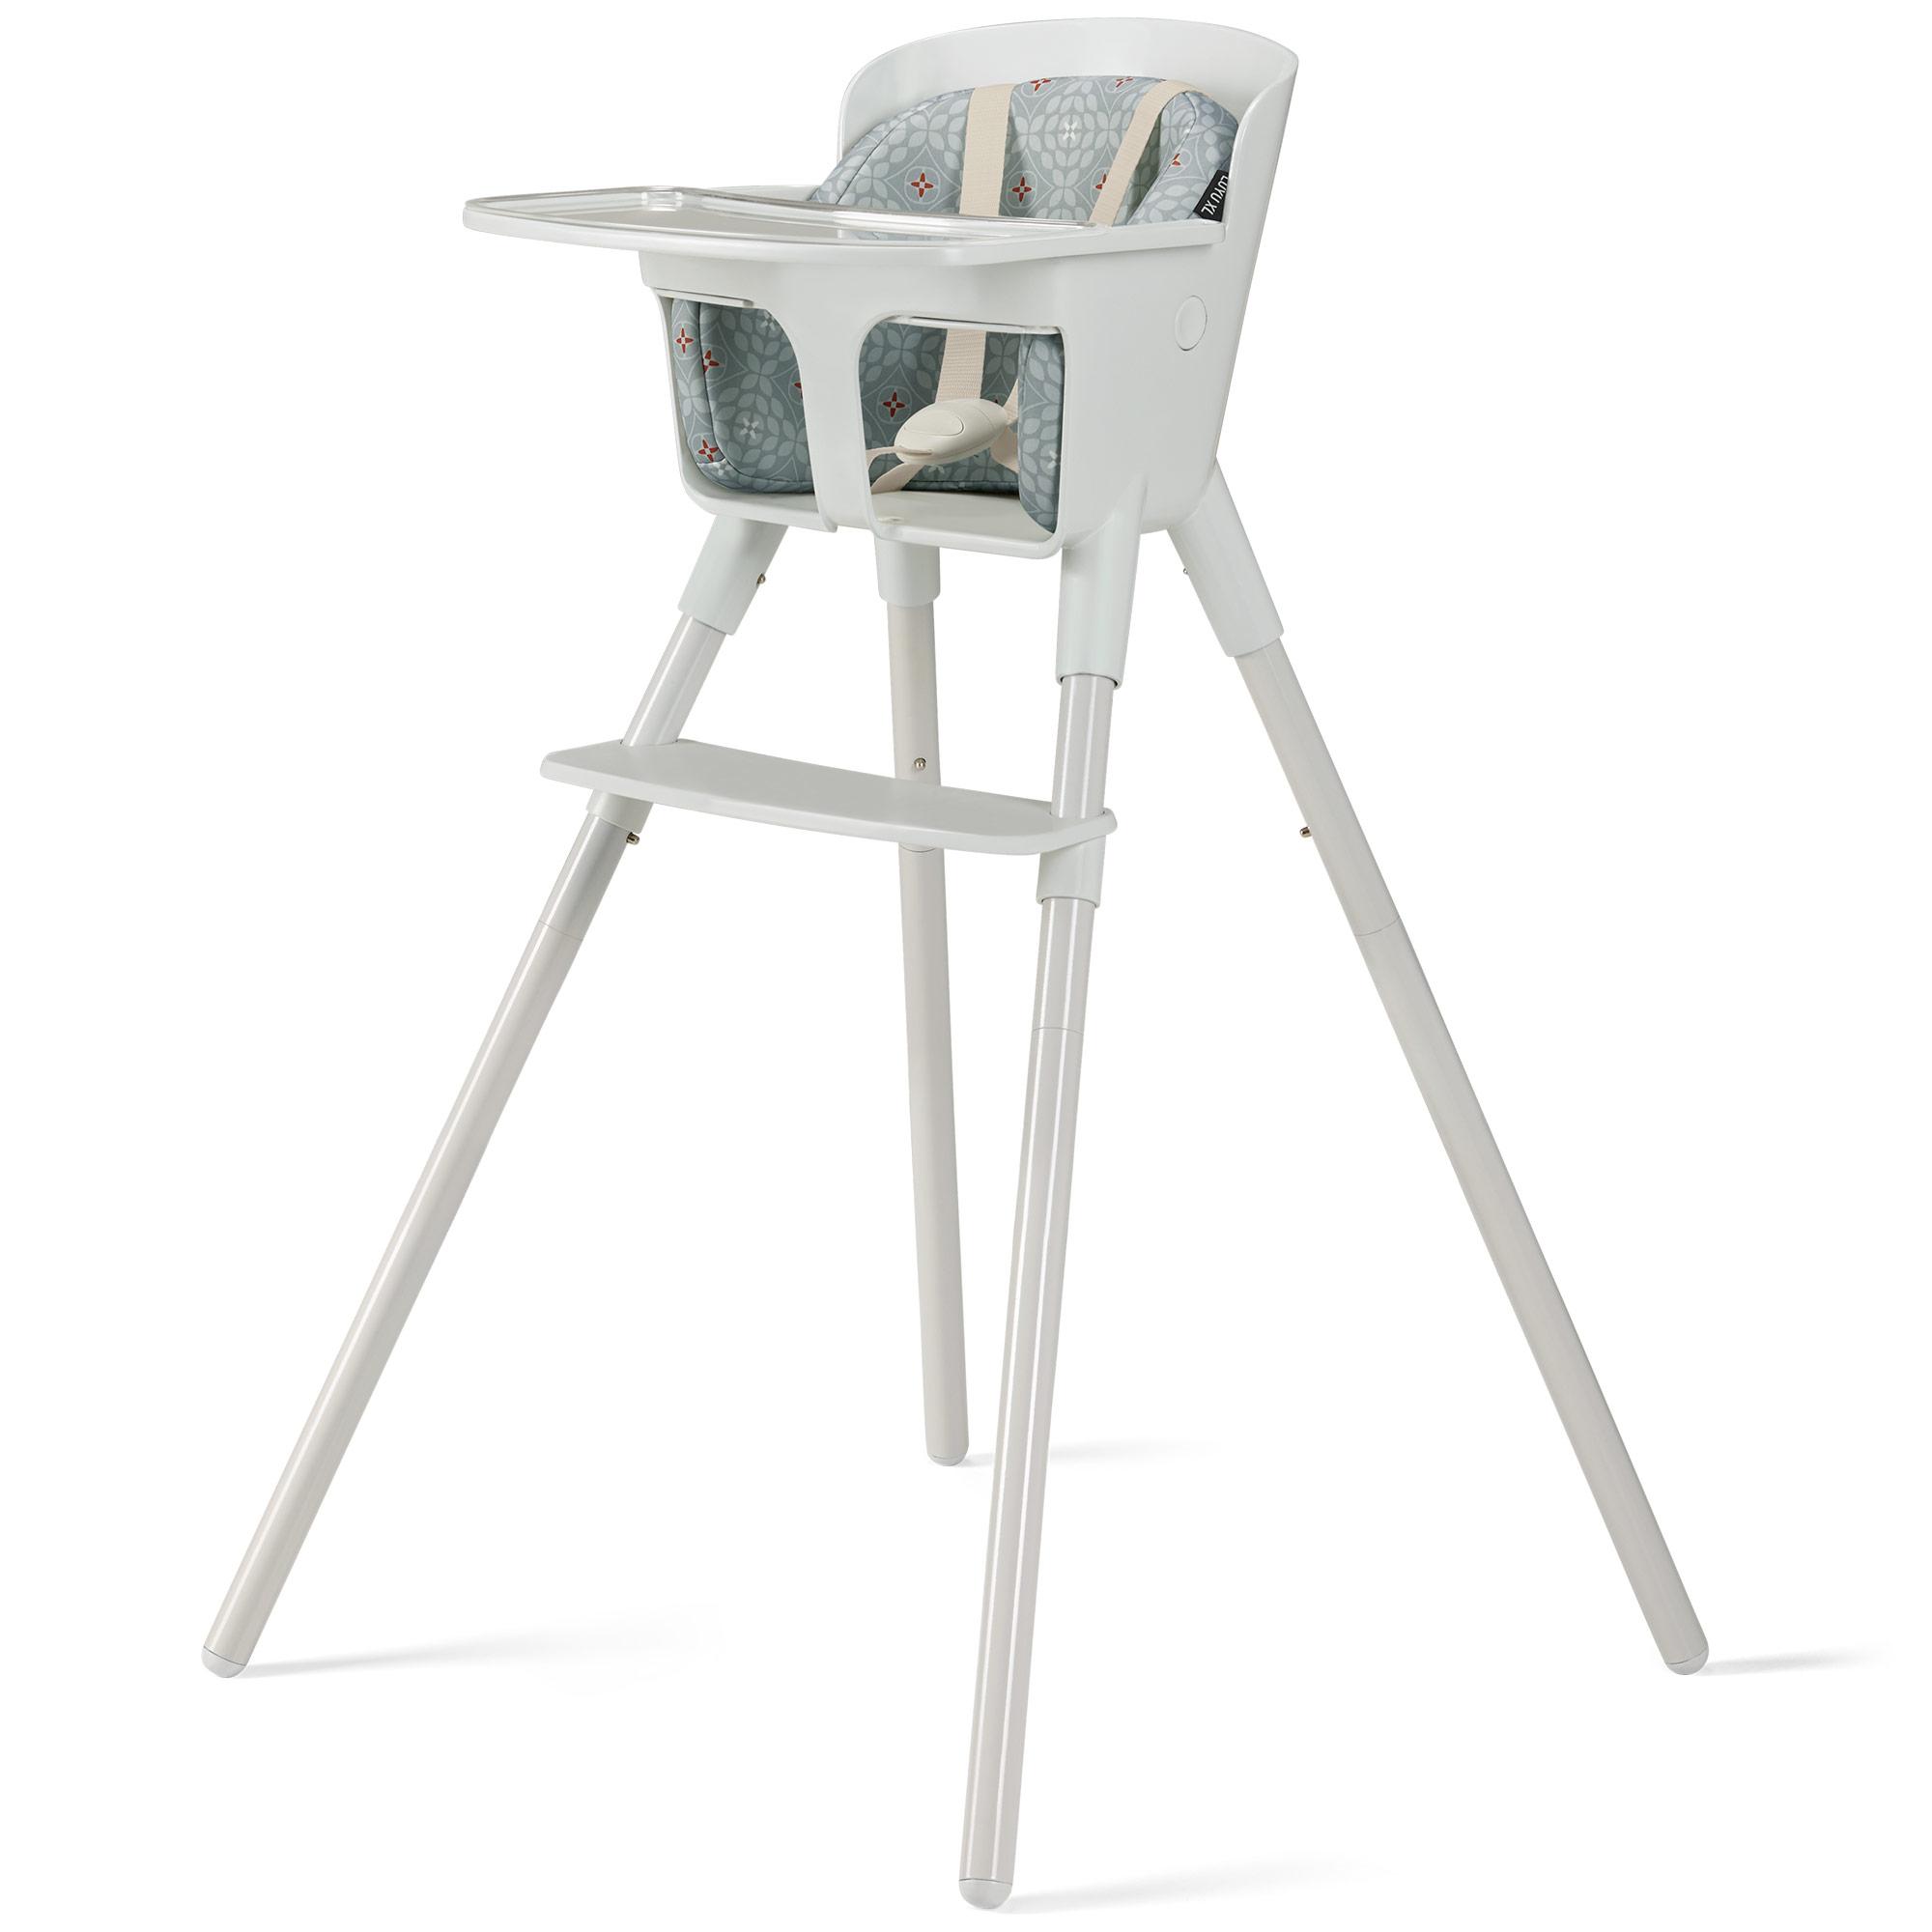 CBX Luyu XL Baby Highchair//Feeding Chair